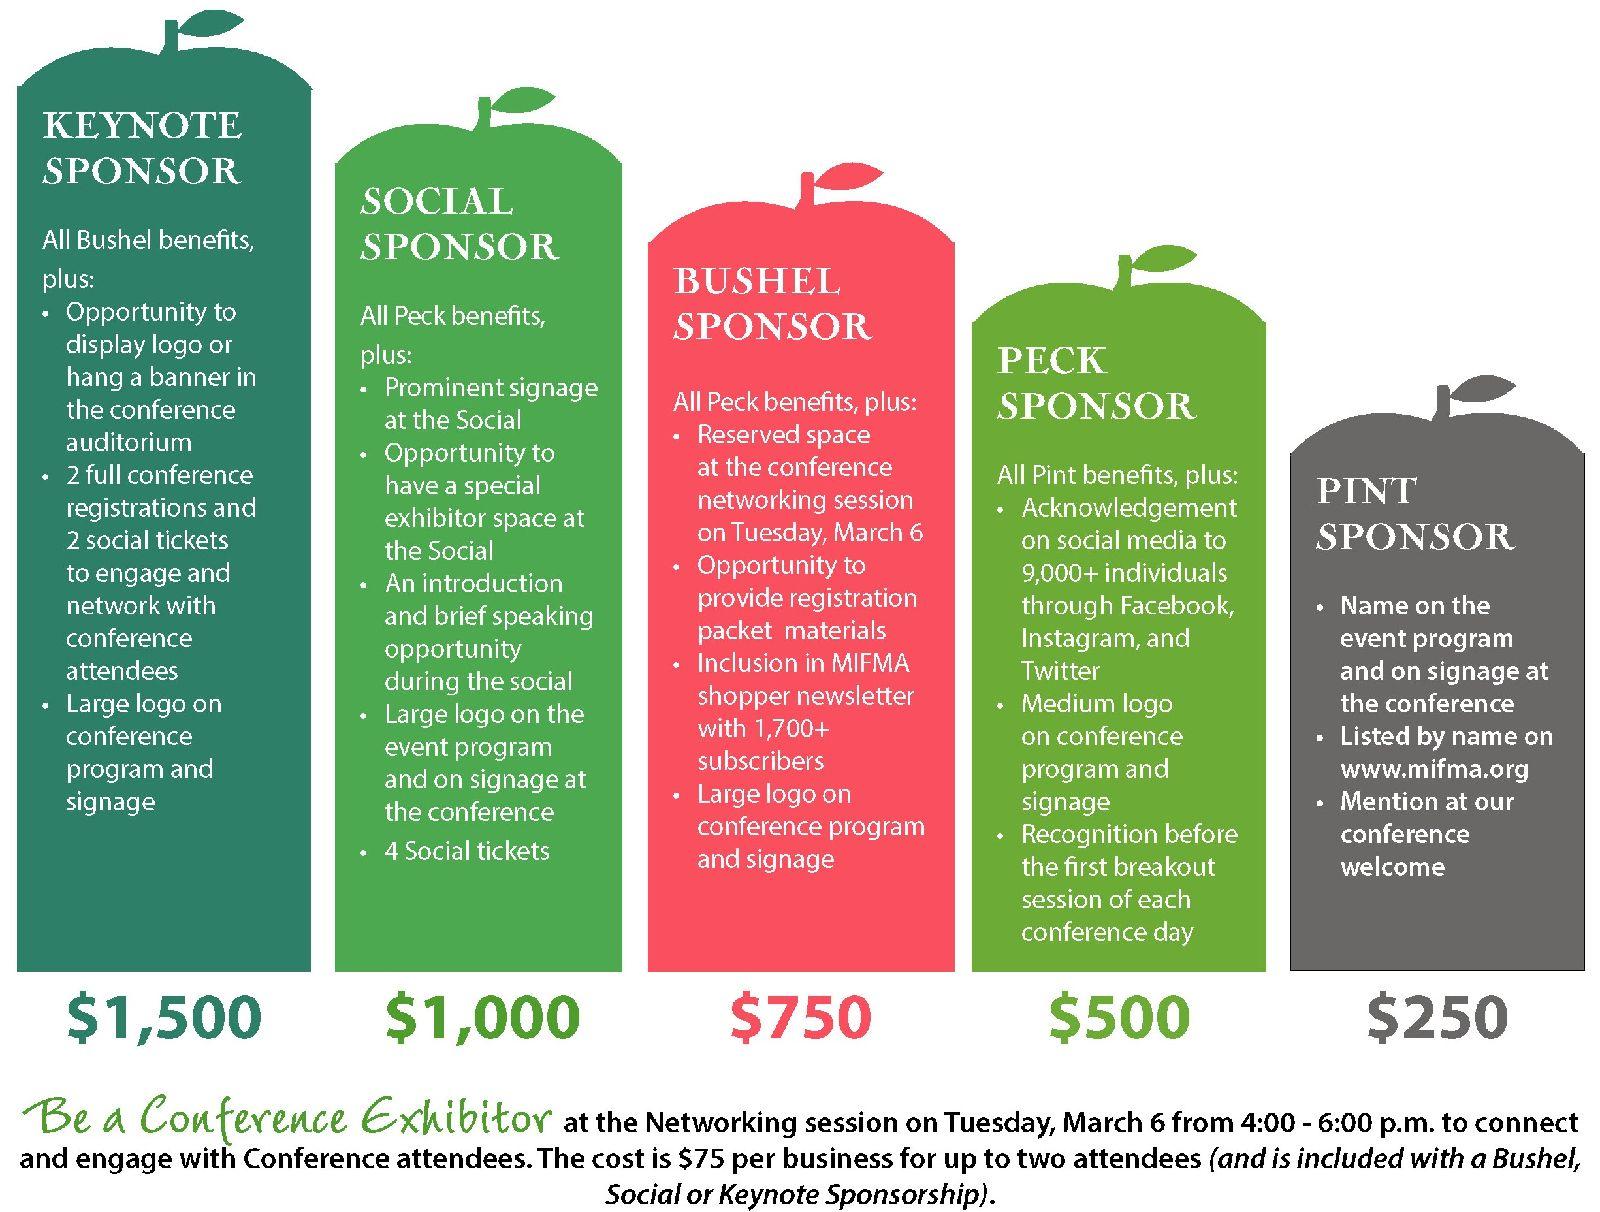 2018 Conference Sponsorship Levels